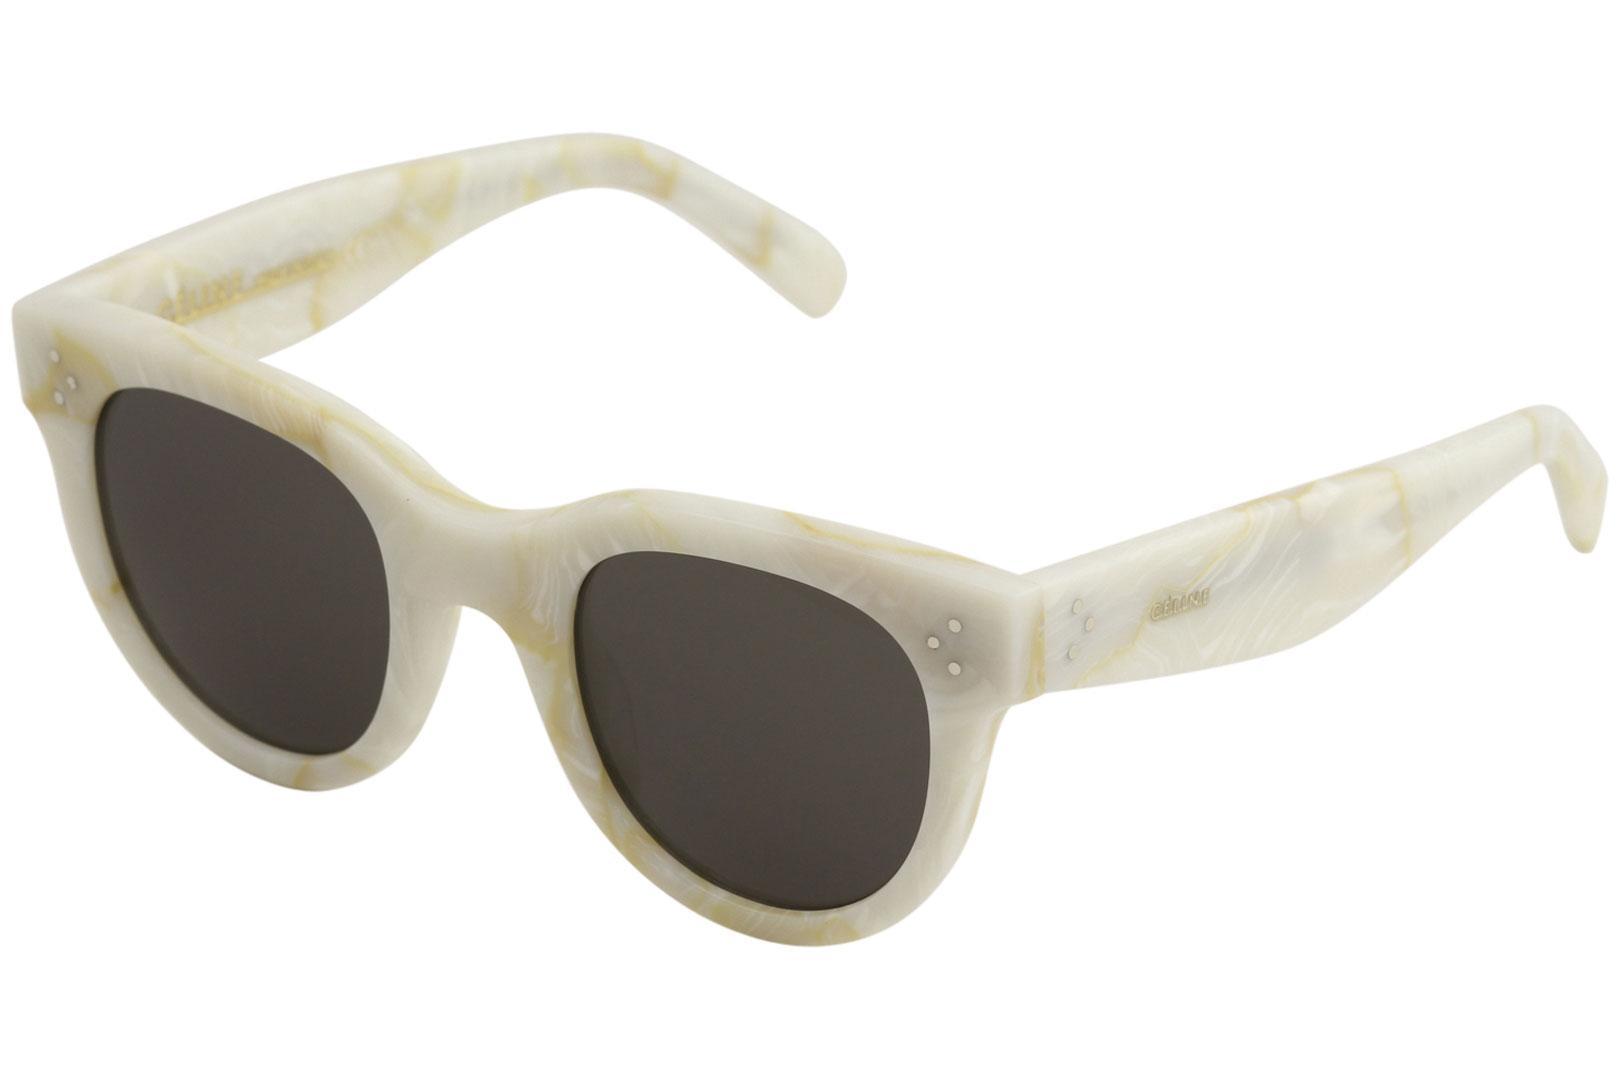 e5b8c1518914 Celine Women s CL 41053S 41053 S Fashion Sunglasses